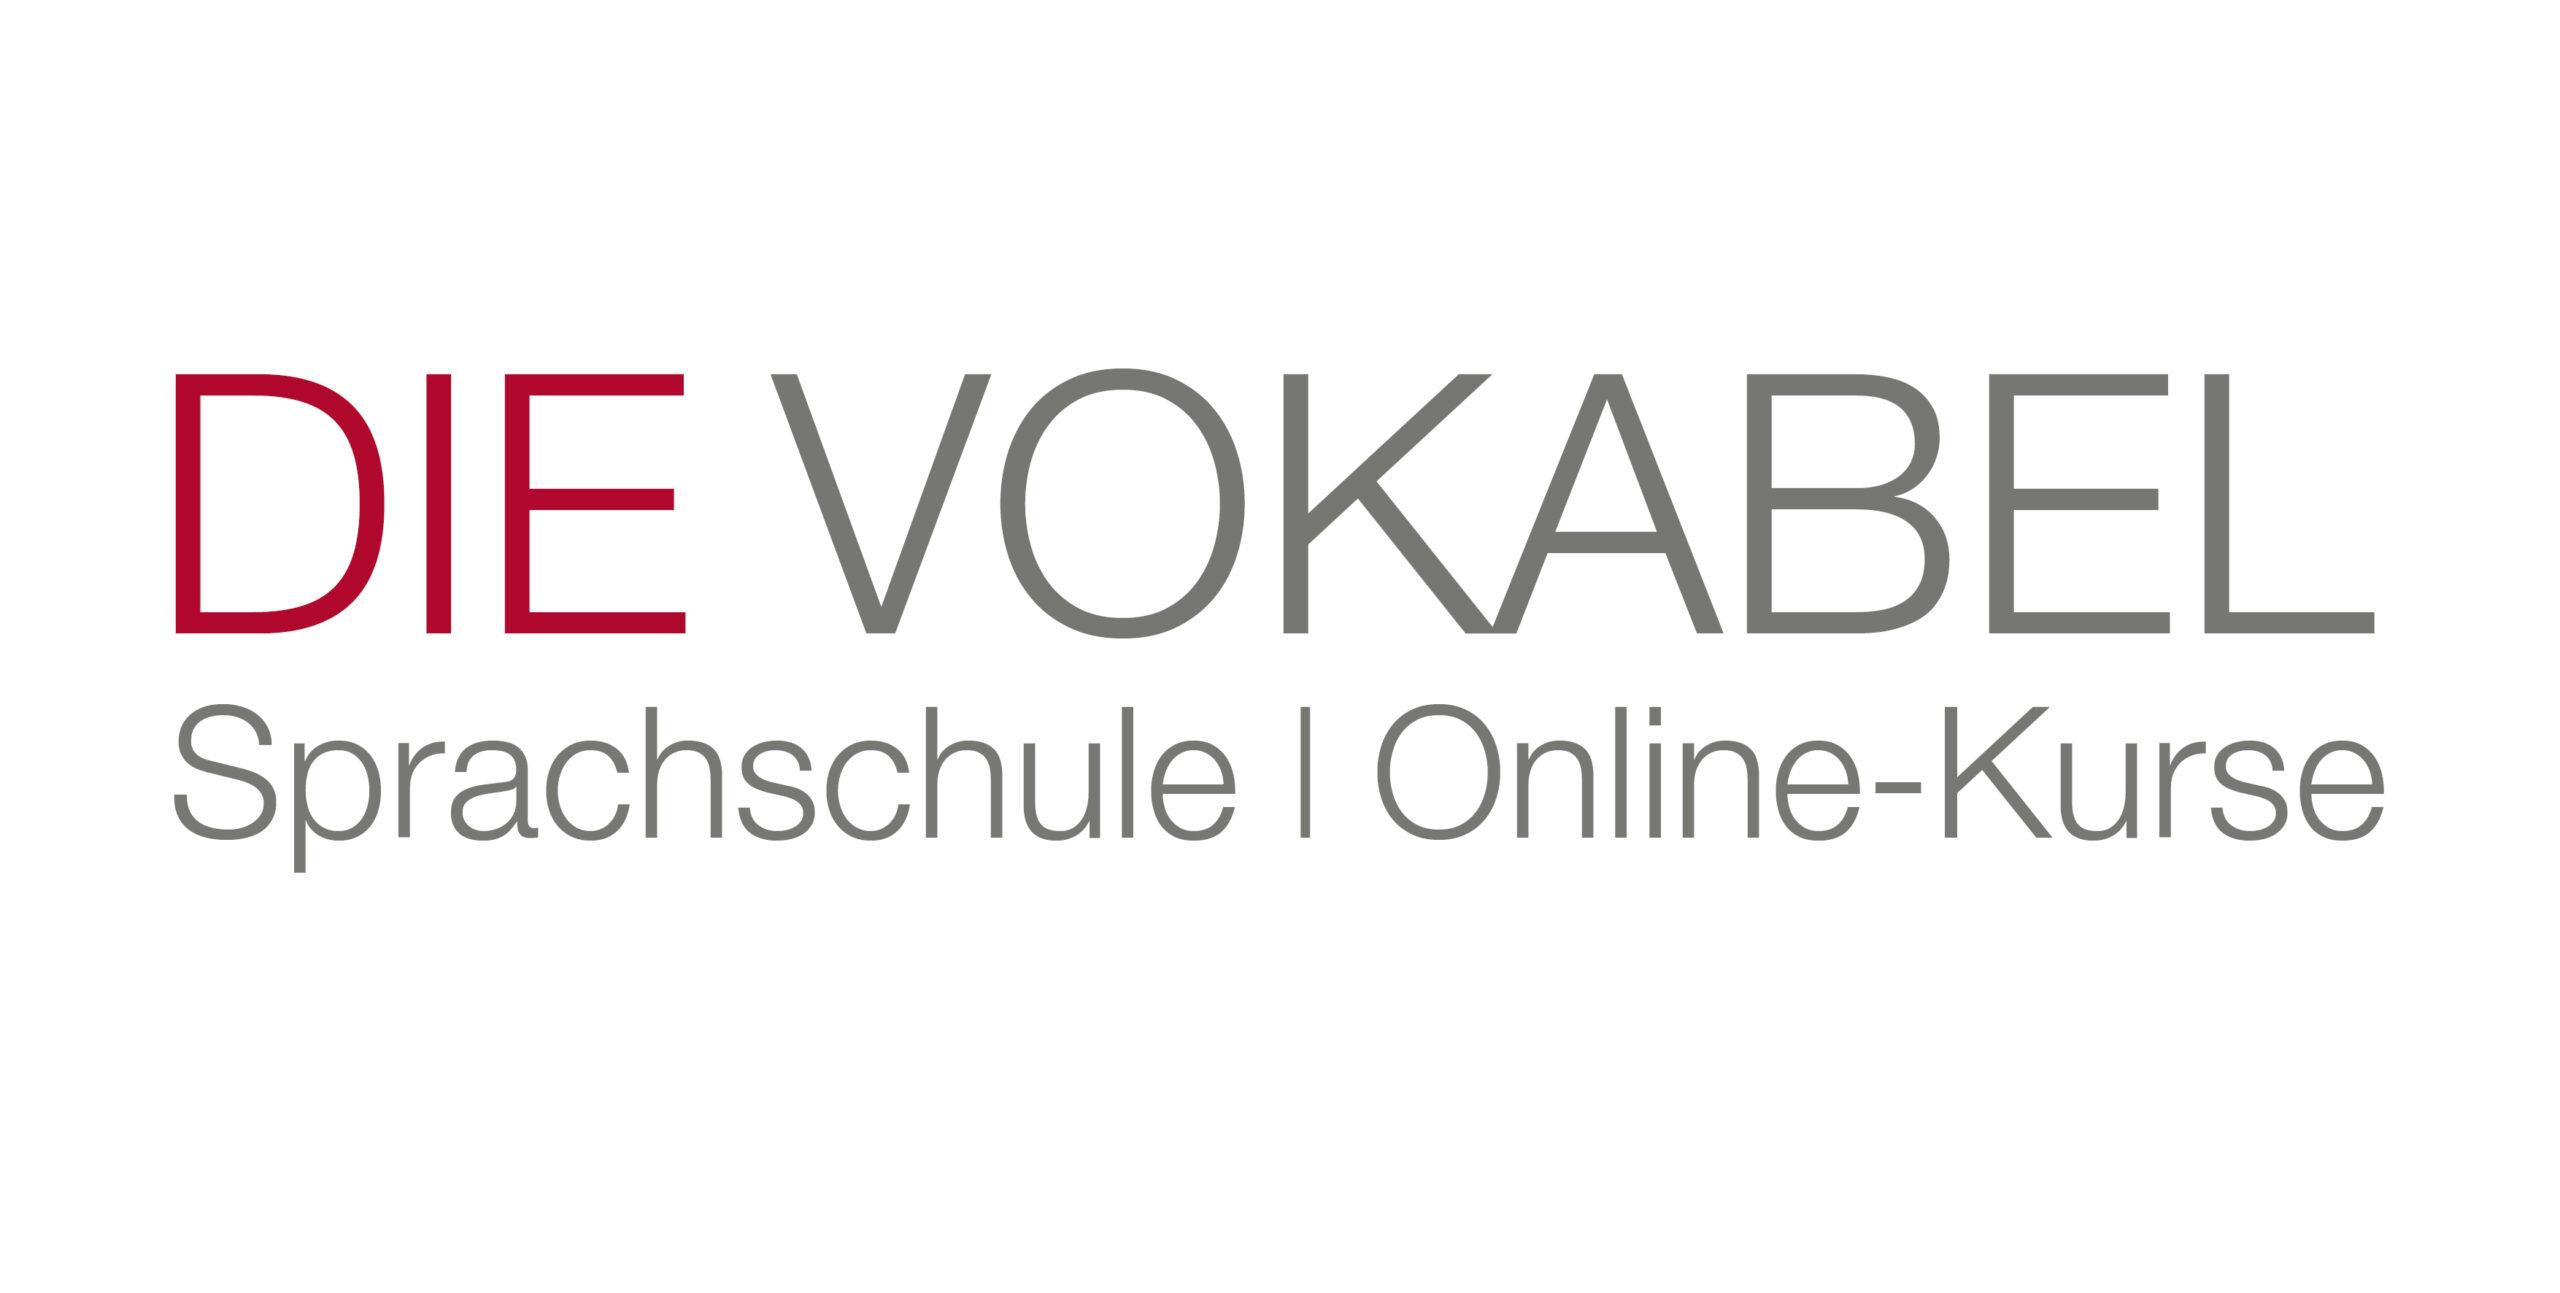 Sprachschule Freiburg